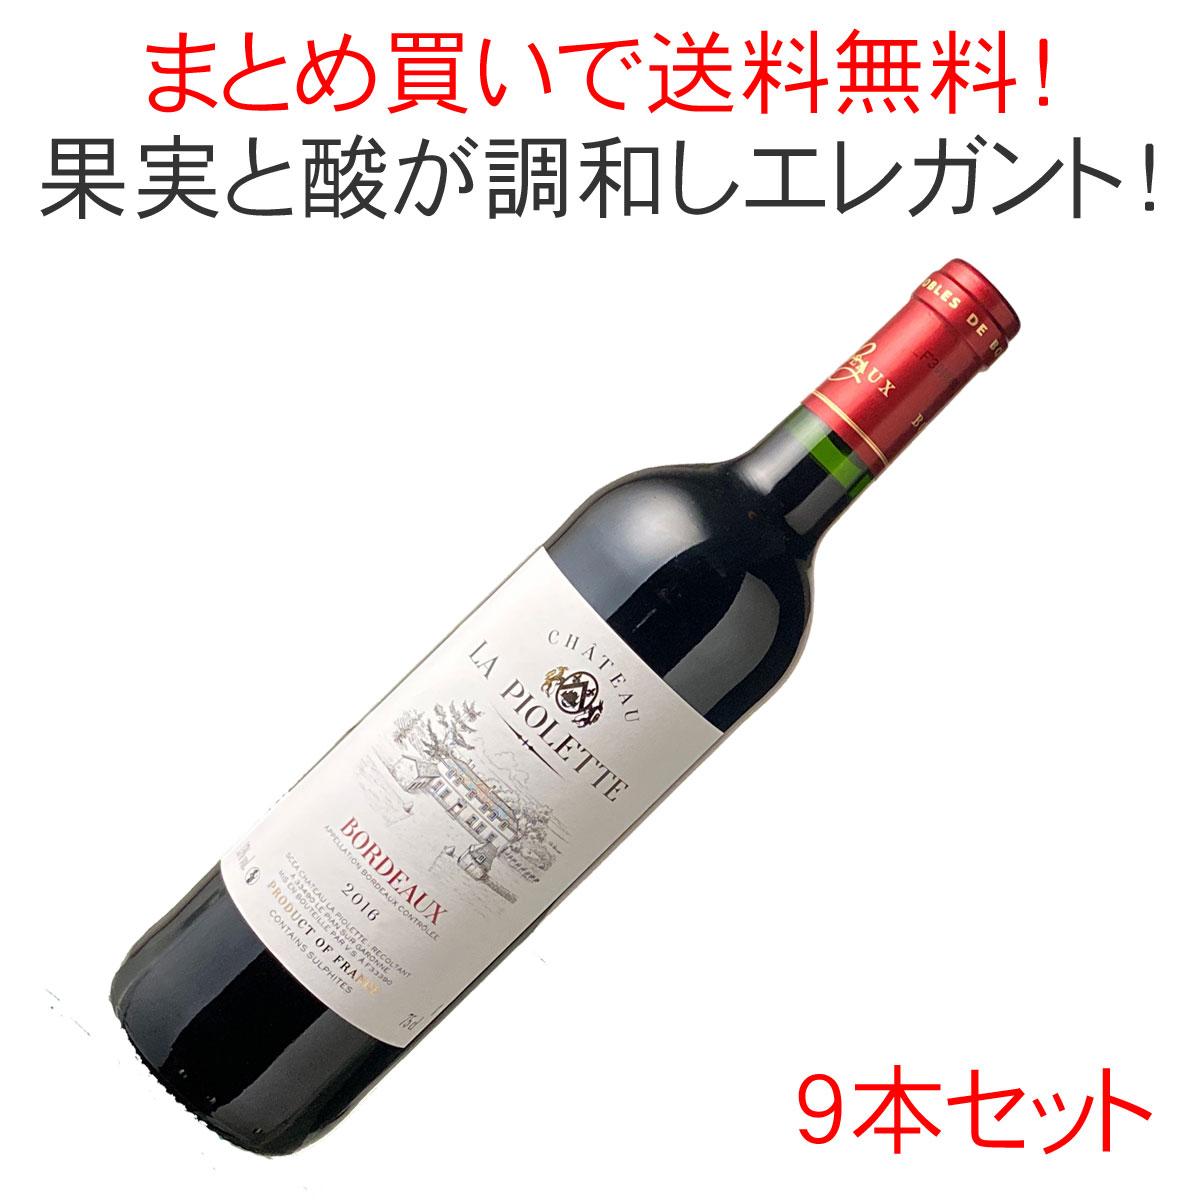 【送料無料】シャトー・ラ・ピオレット [2018] 1ケース9本セット <赤> <ワイン/ボルドー>